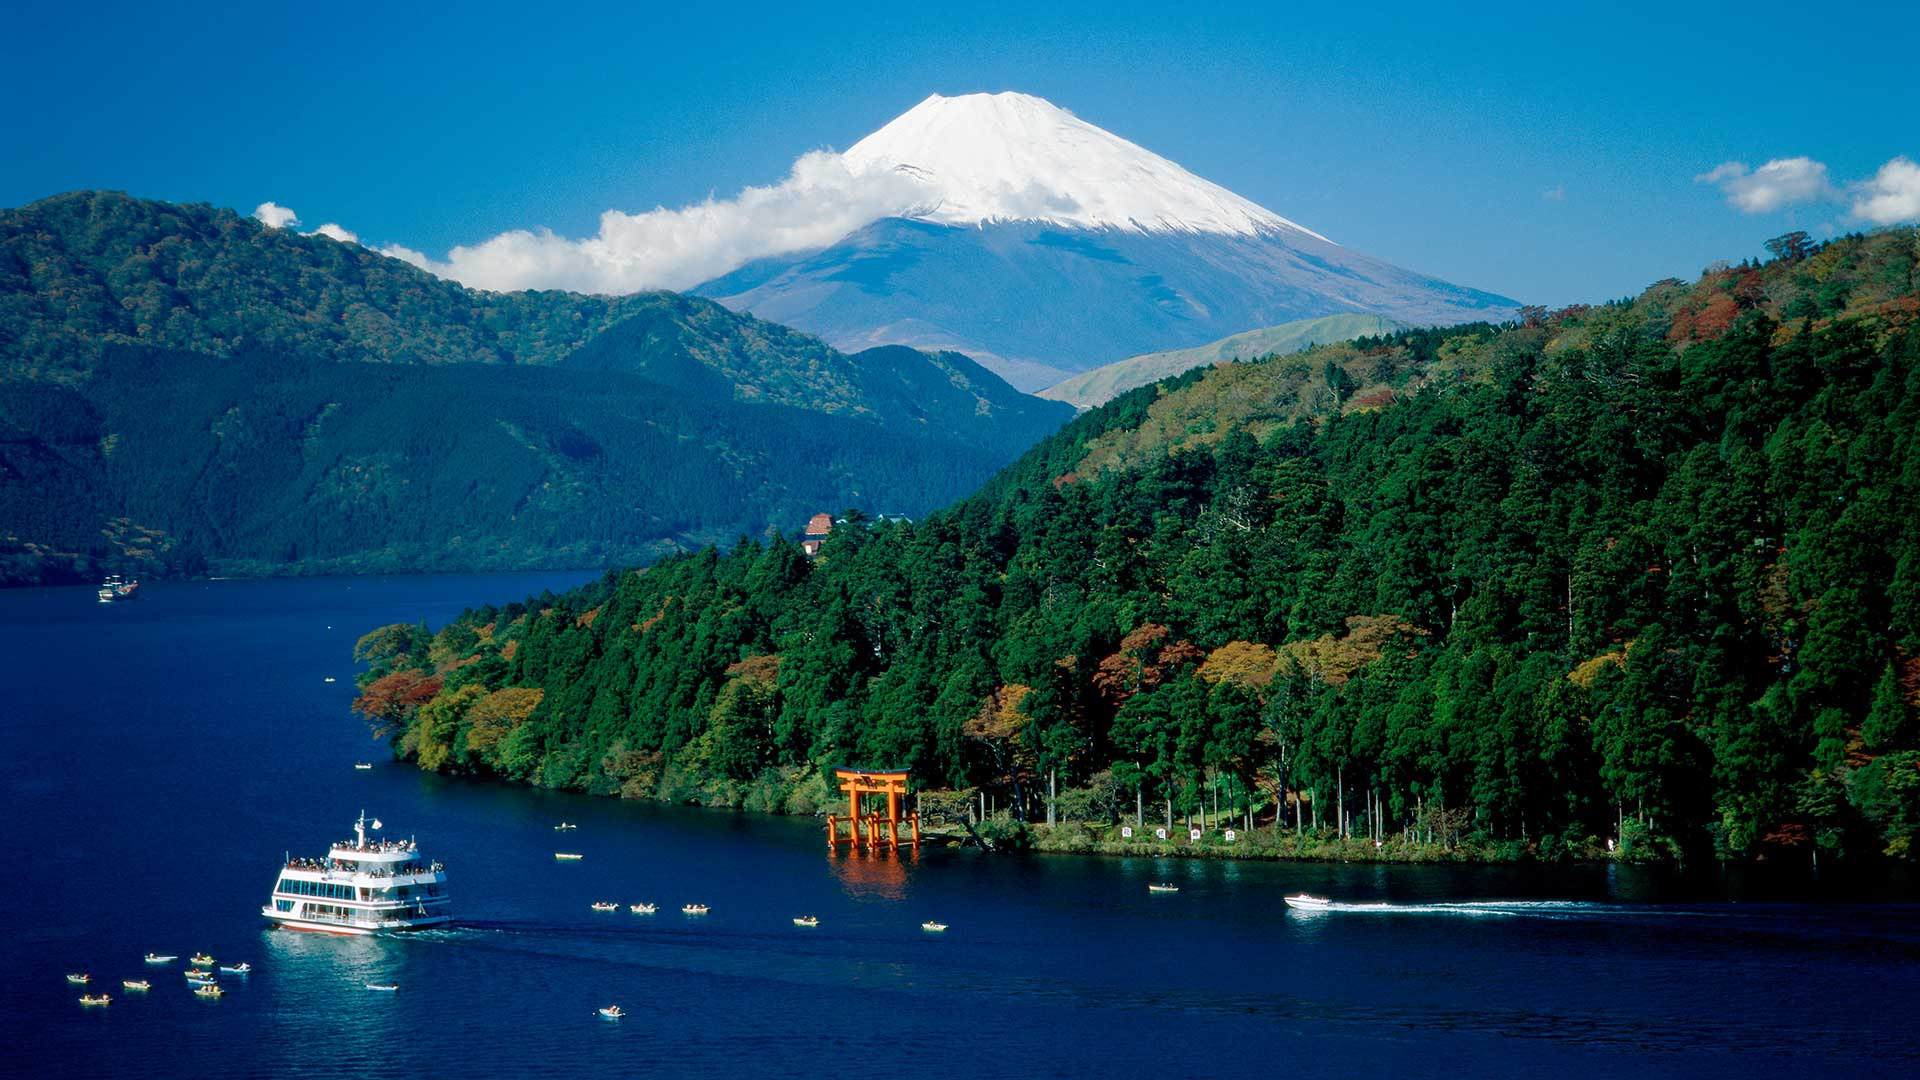 Mount Fuji & Lake Ashi, Hakone, Japan